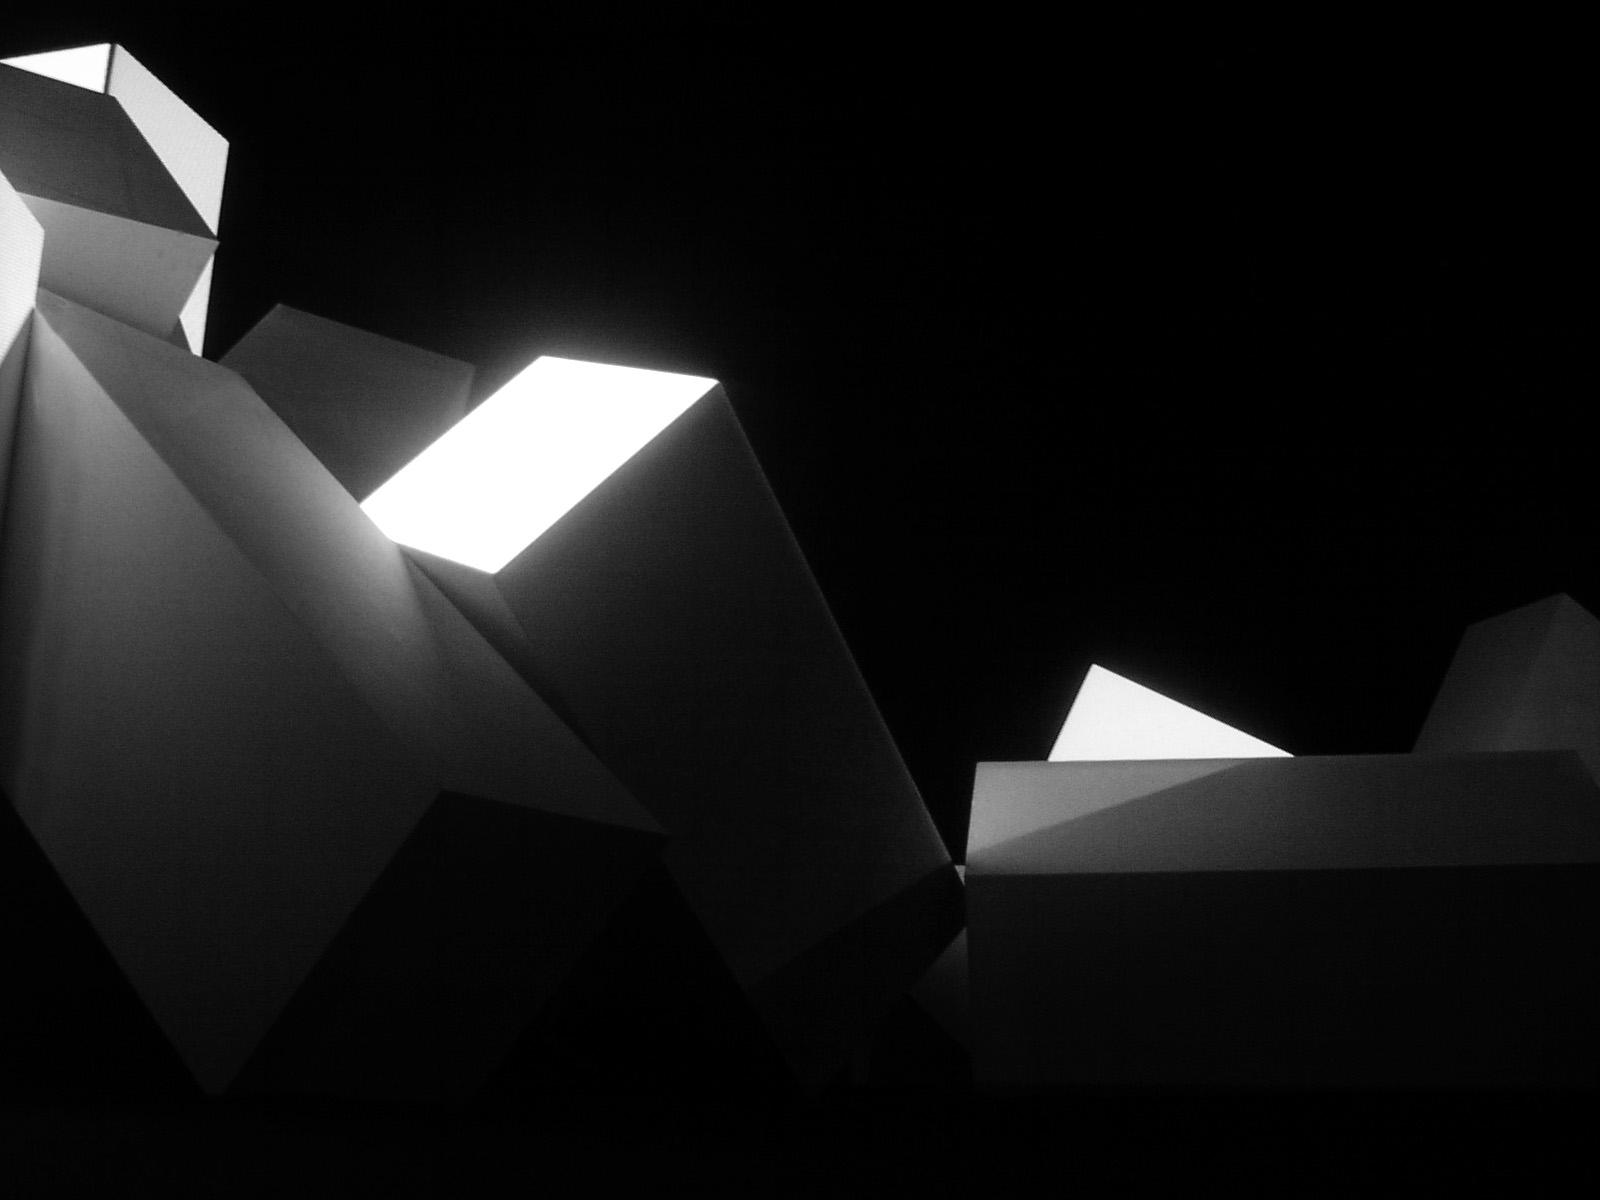 AntiVJ-light-sculpture-Paysages-Electroniques2008-2.jpg